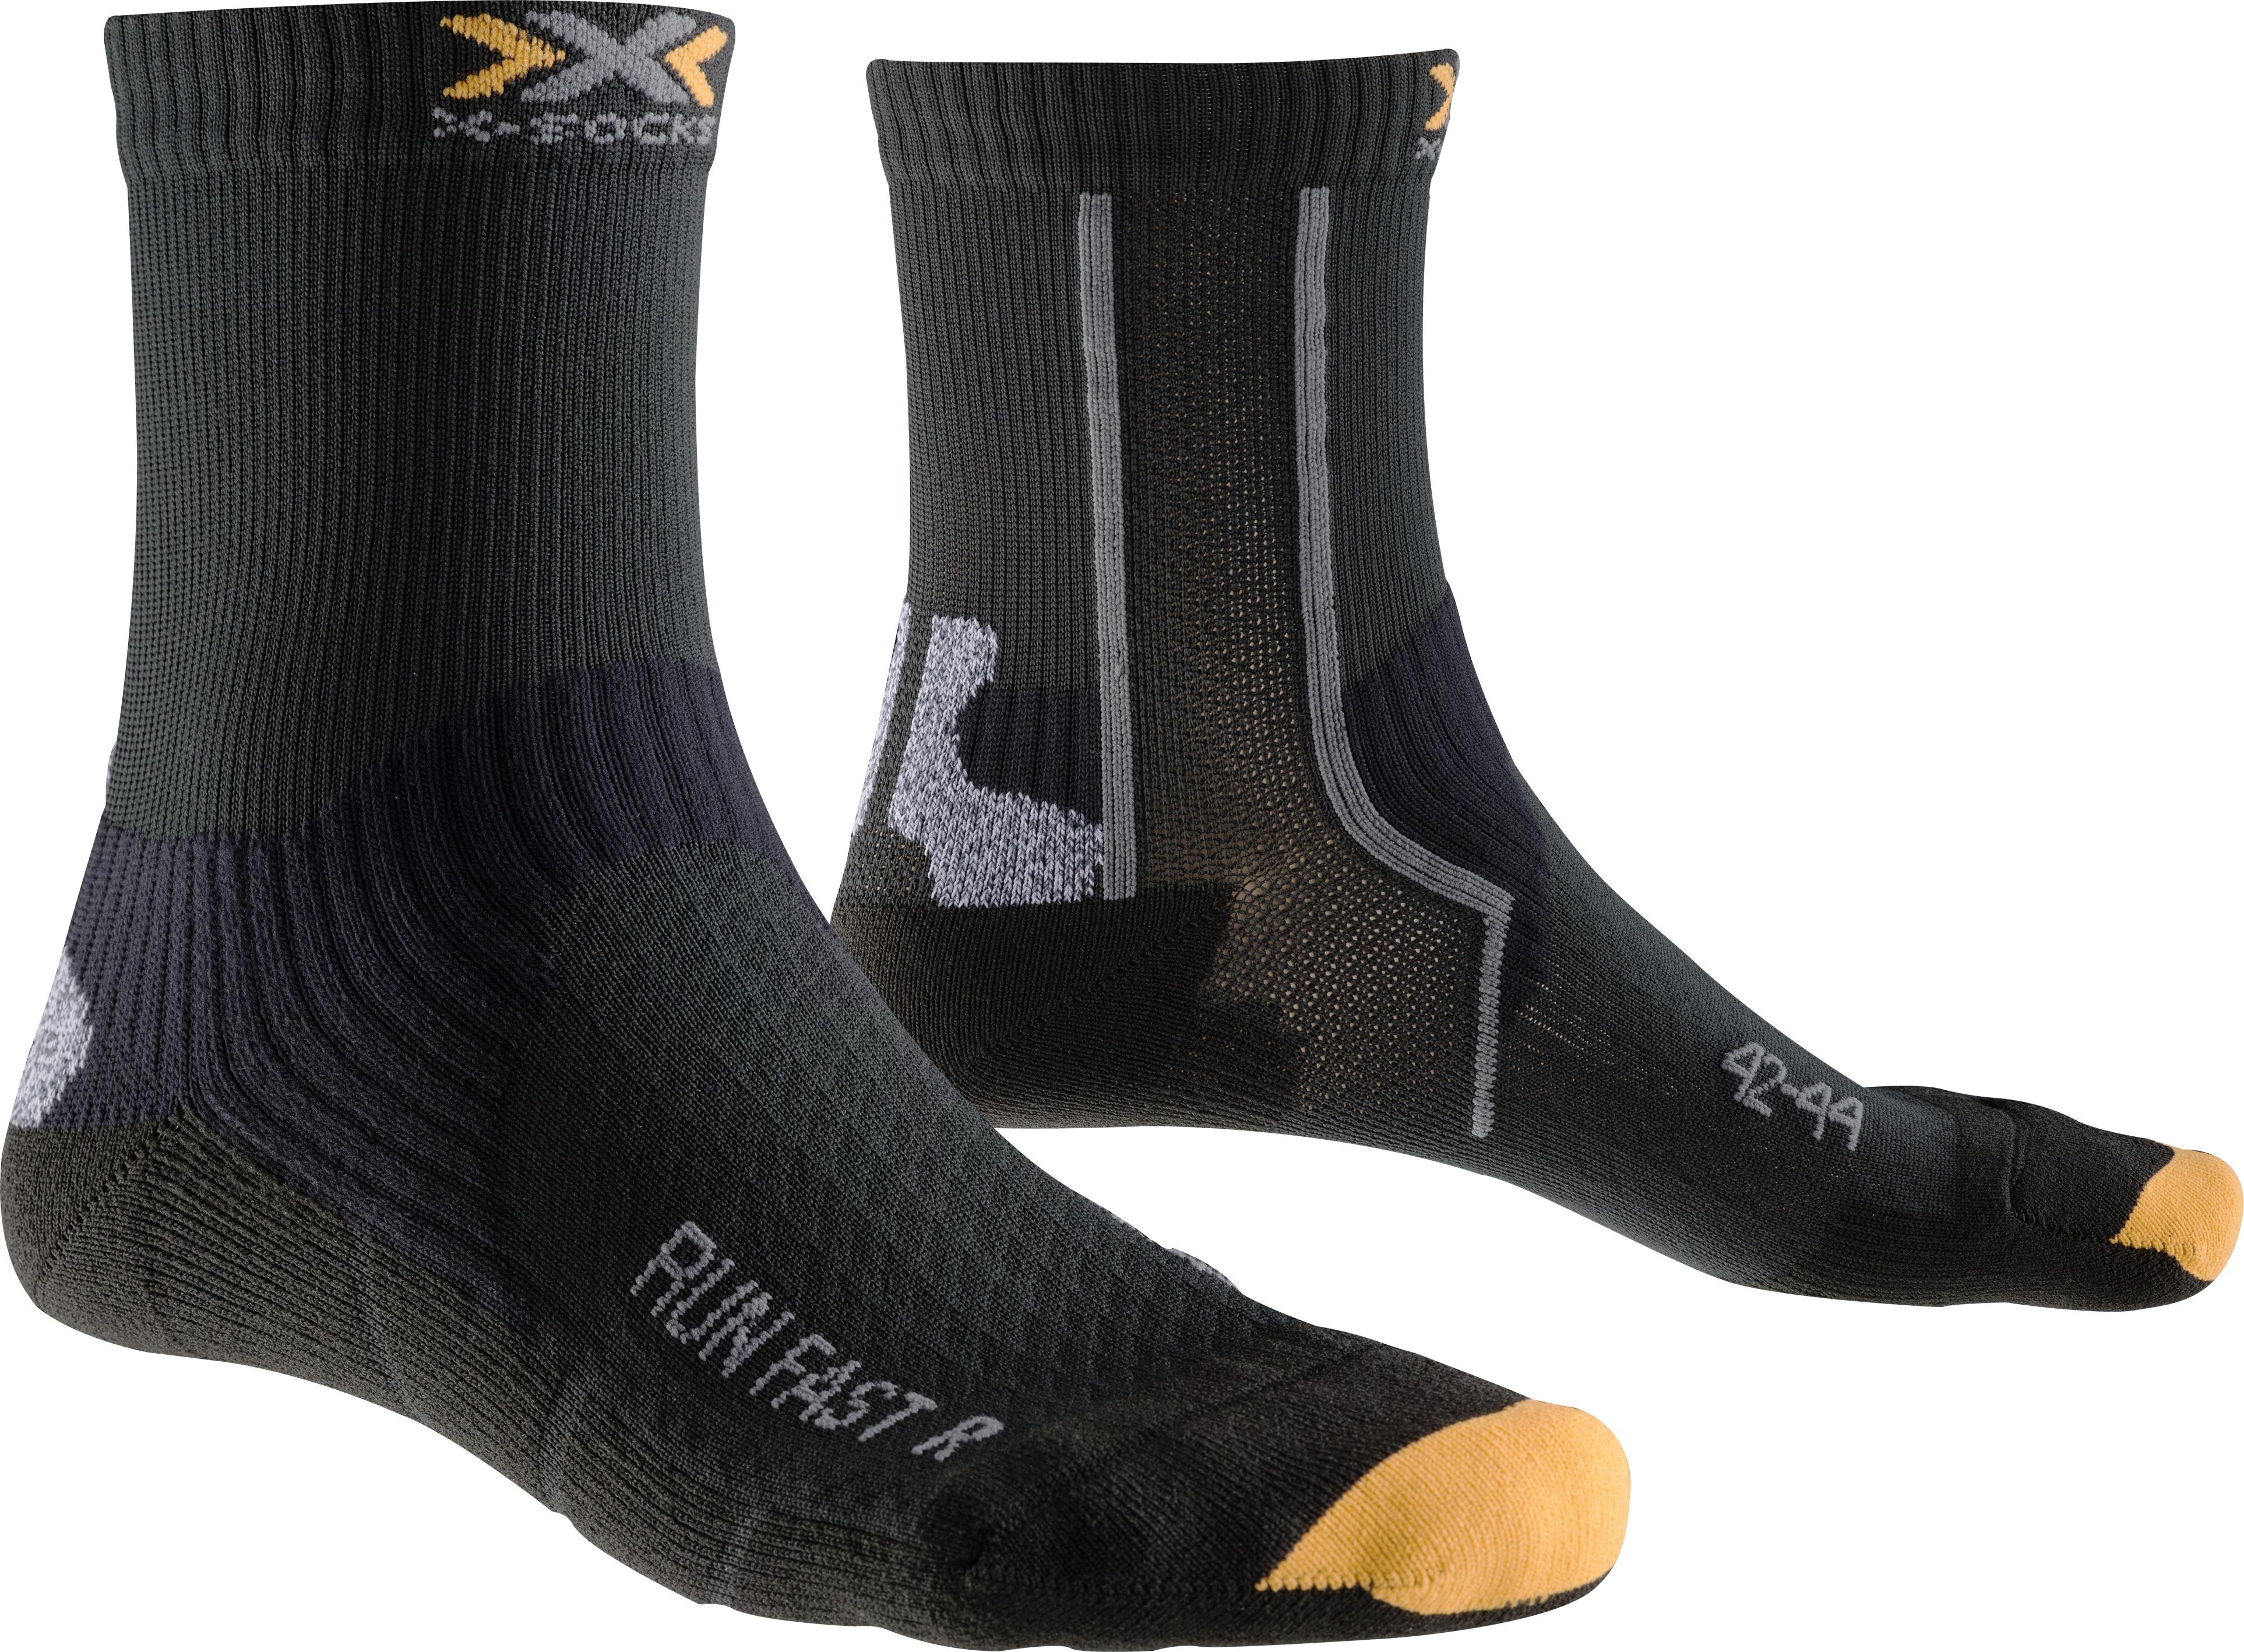 X-SOCKS Socken, Strümpfe Run Fast schwarz unisex von Gr. 35 - 47 S17-XS1